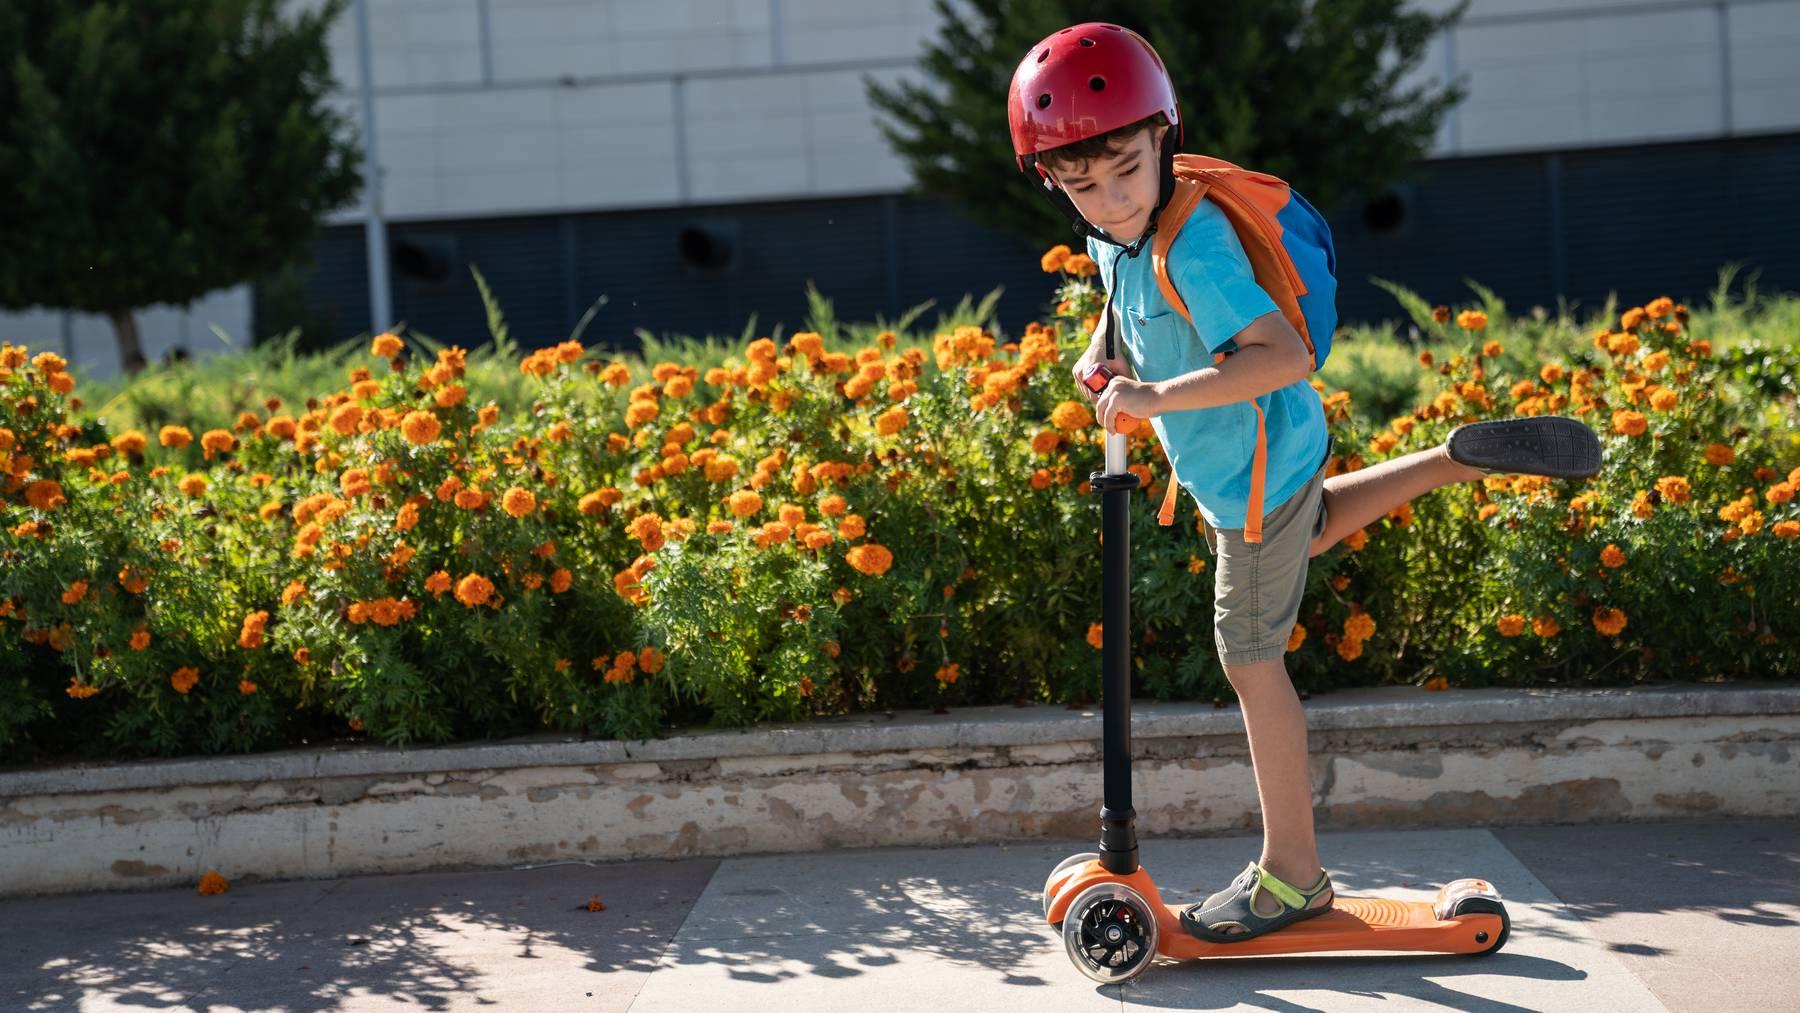 Kickboard Knabe Schule Schulweg Schüler Trottinett